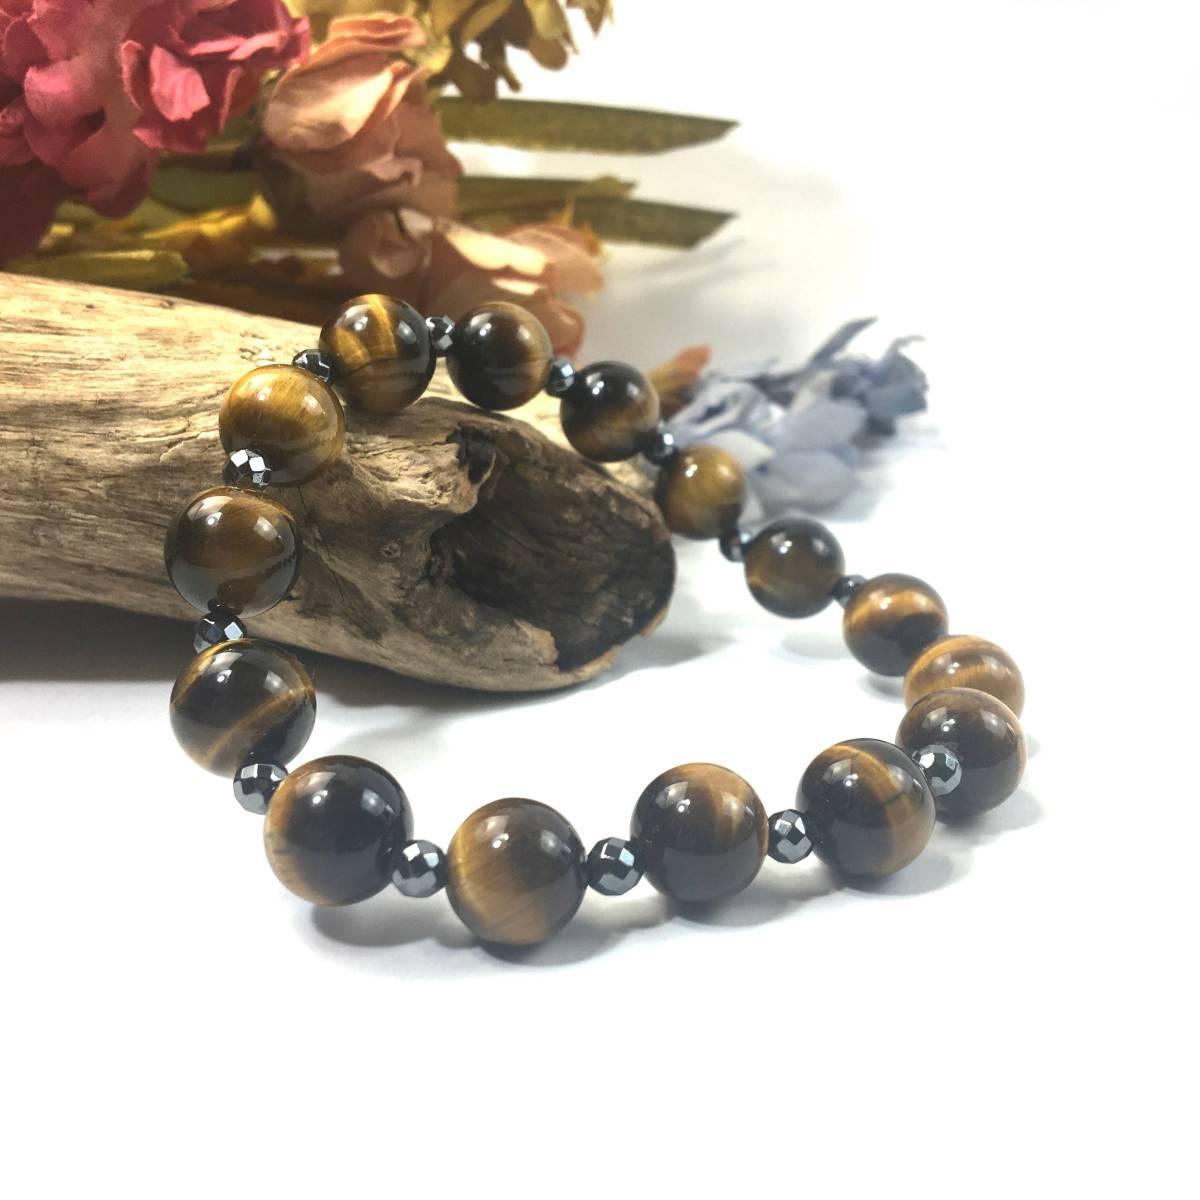 タイガーアイ パワーストーン ブレスレット 10mm 天然石ブレス (黒灰ヘマタイト) 開運 浄化 数珠ブレス メンズ・レディース